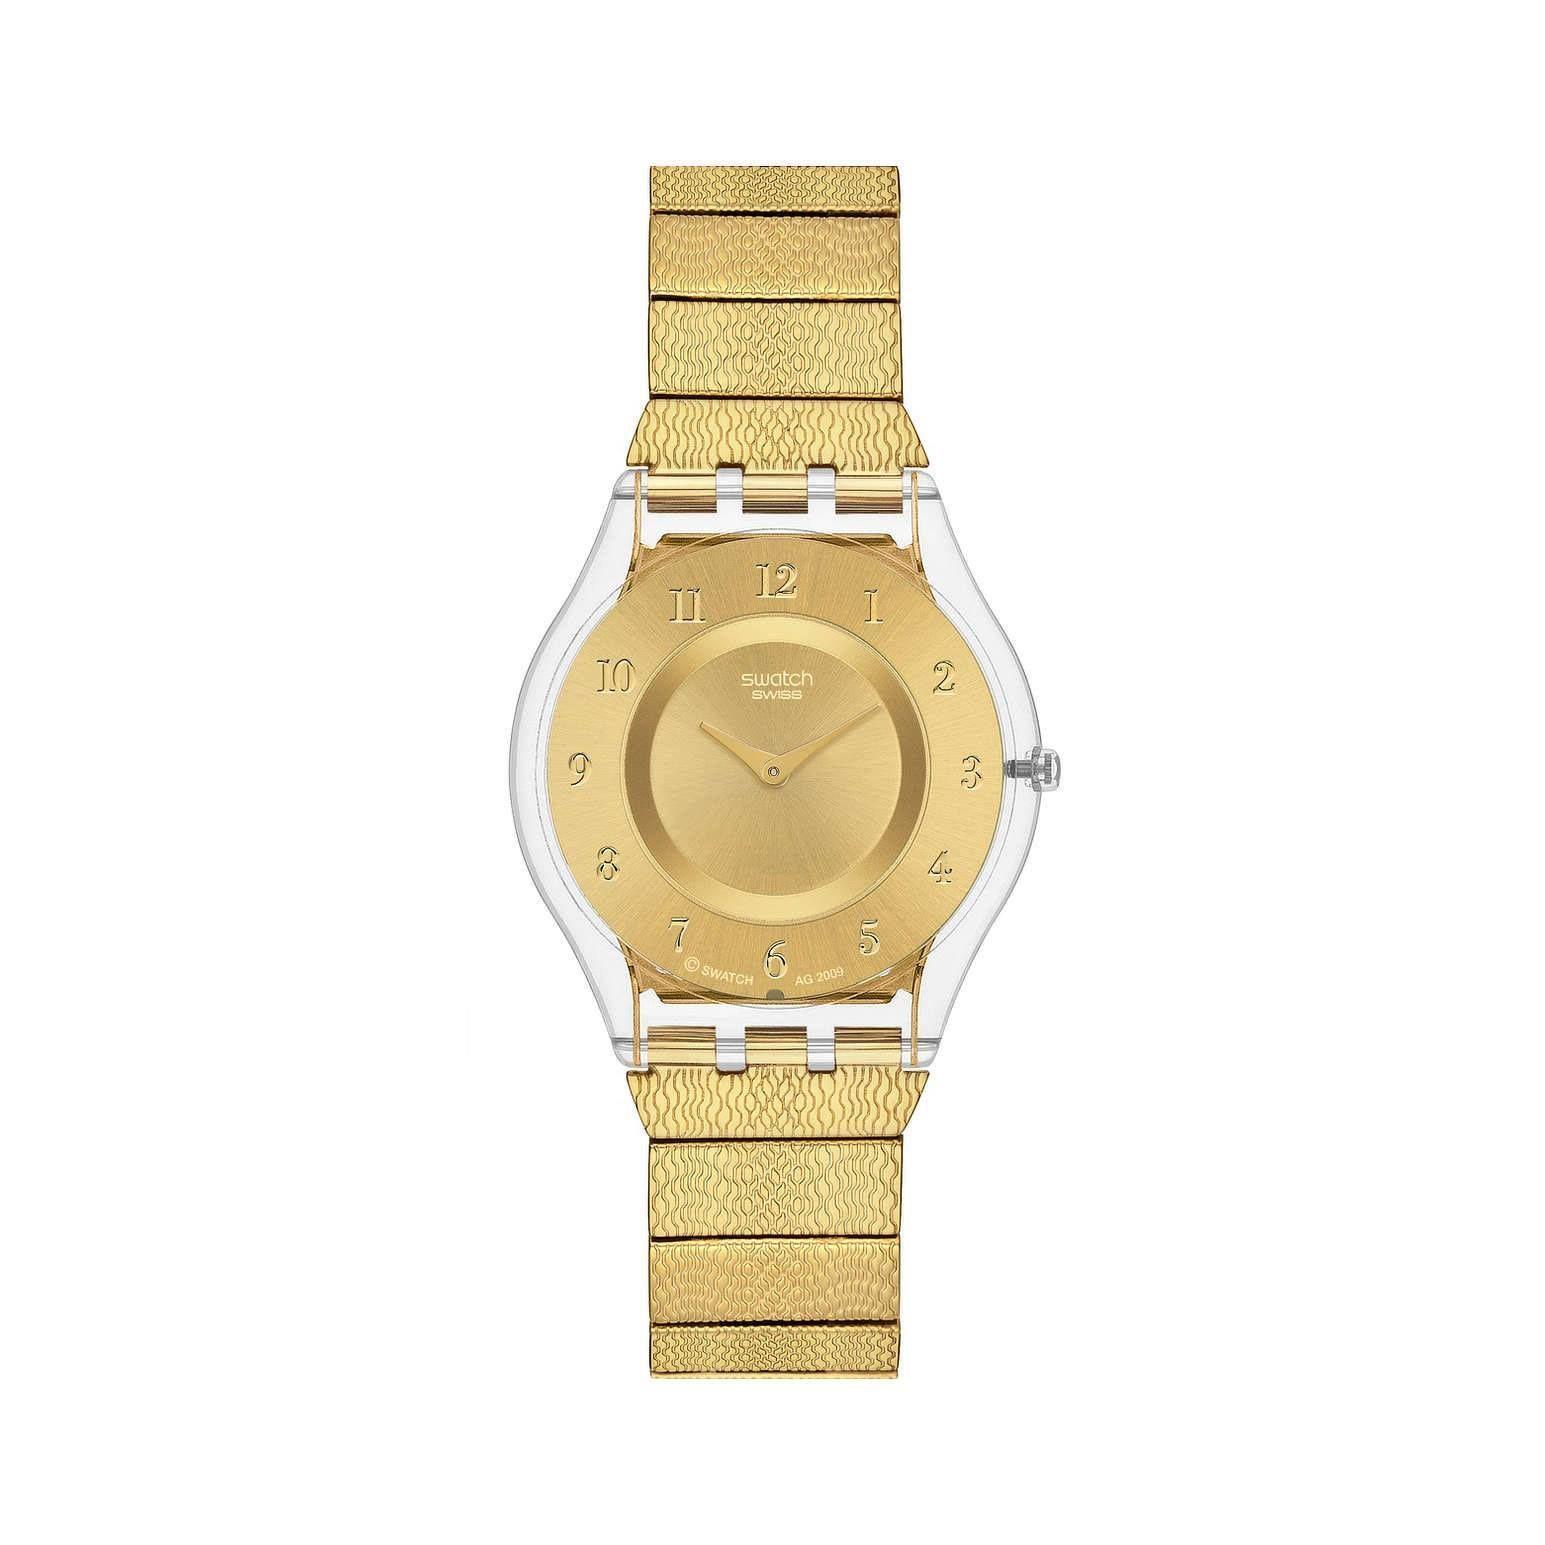 Glow Y Nuestra Swatch Más Modelos Promociones Reloj Warm En N8wyn0Ovm